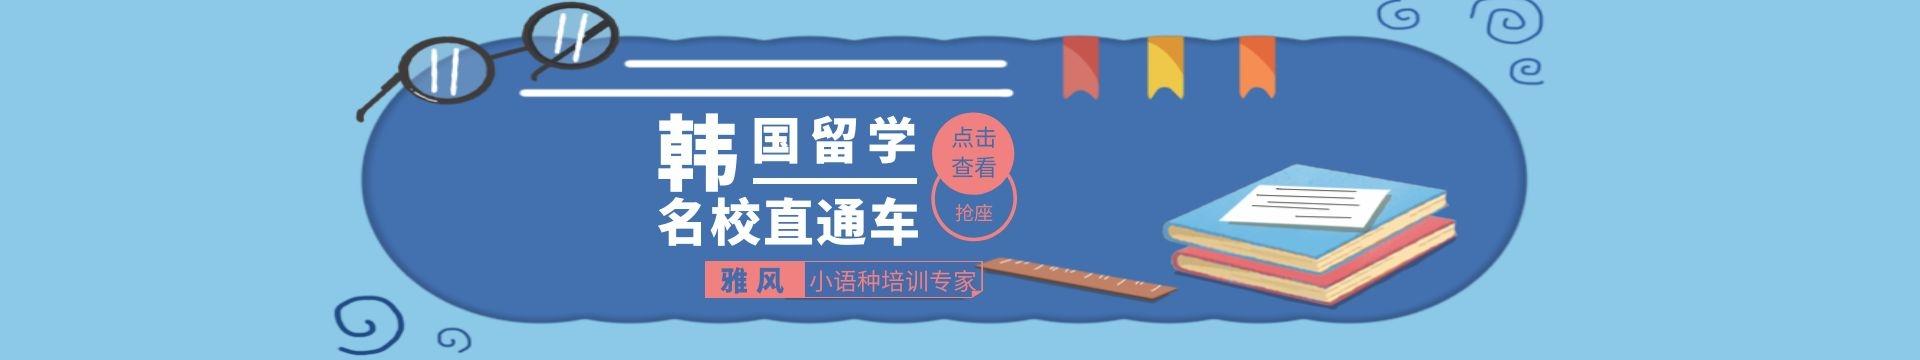 济南雅风小语种韩国留学名校直通车